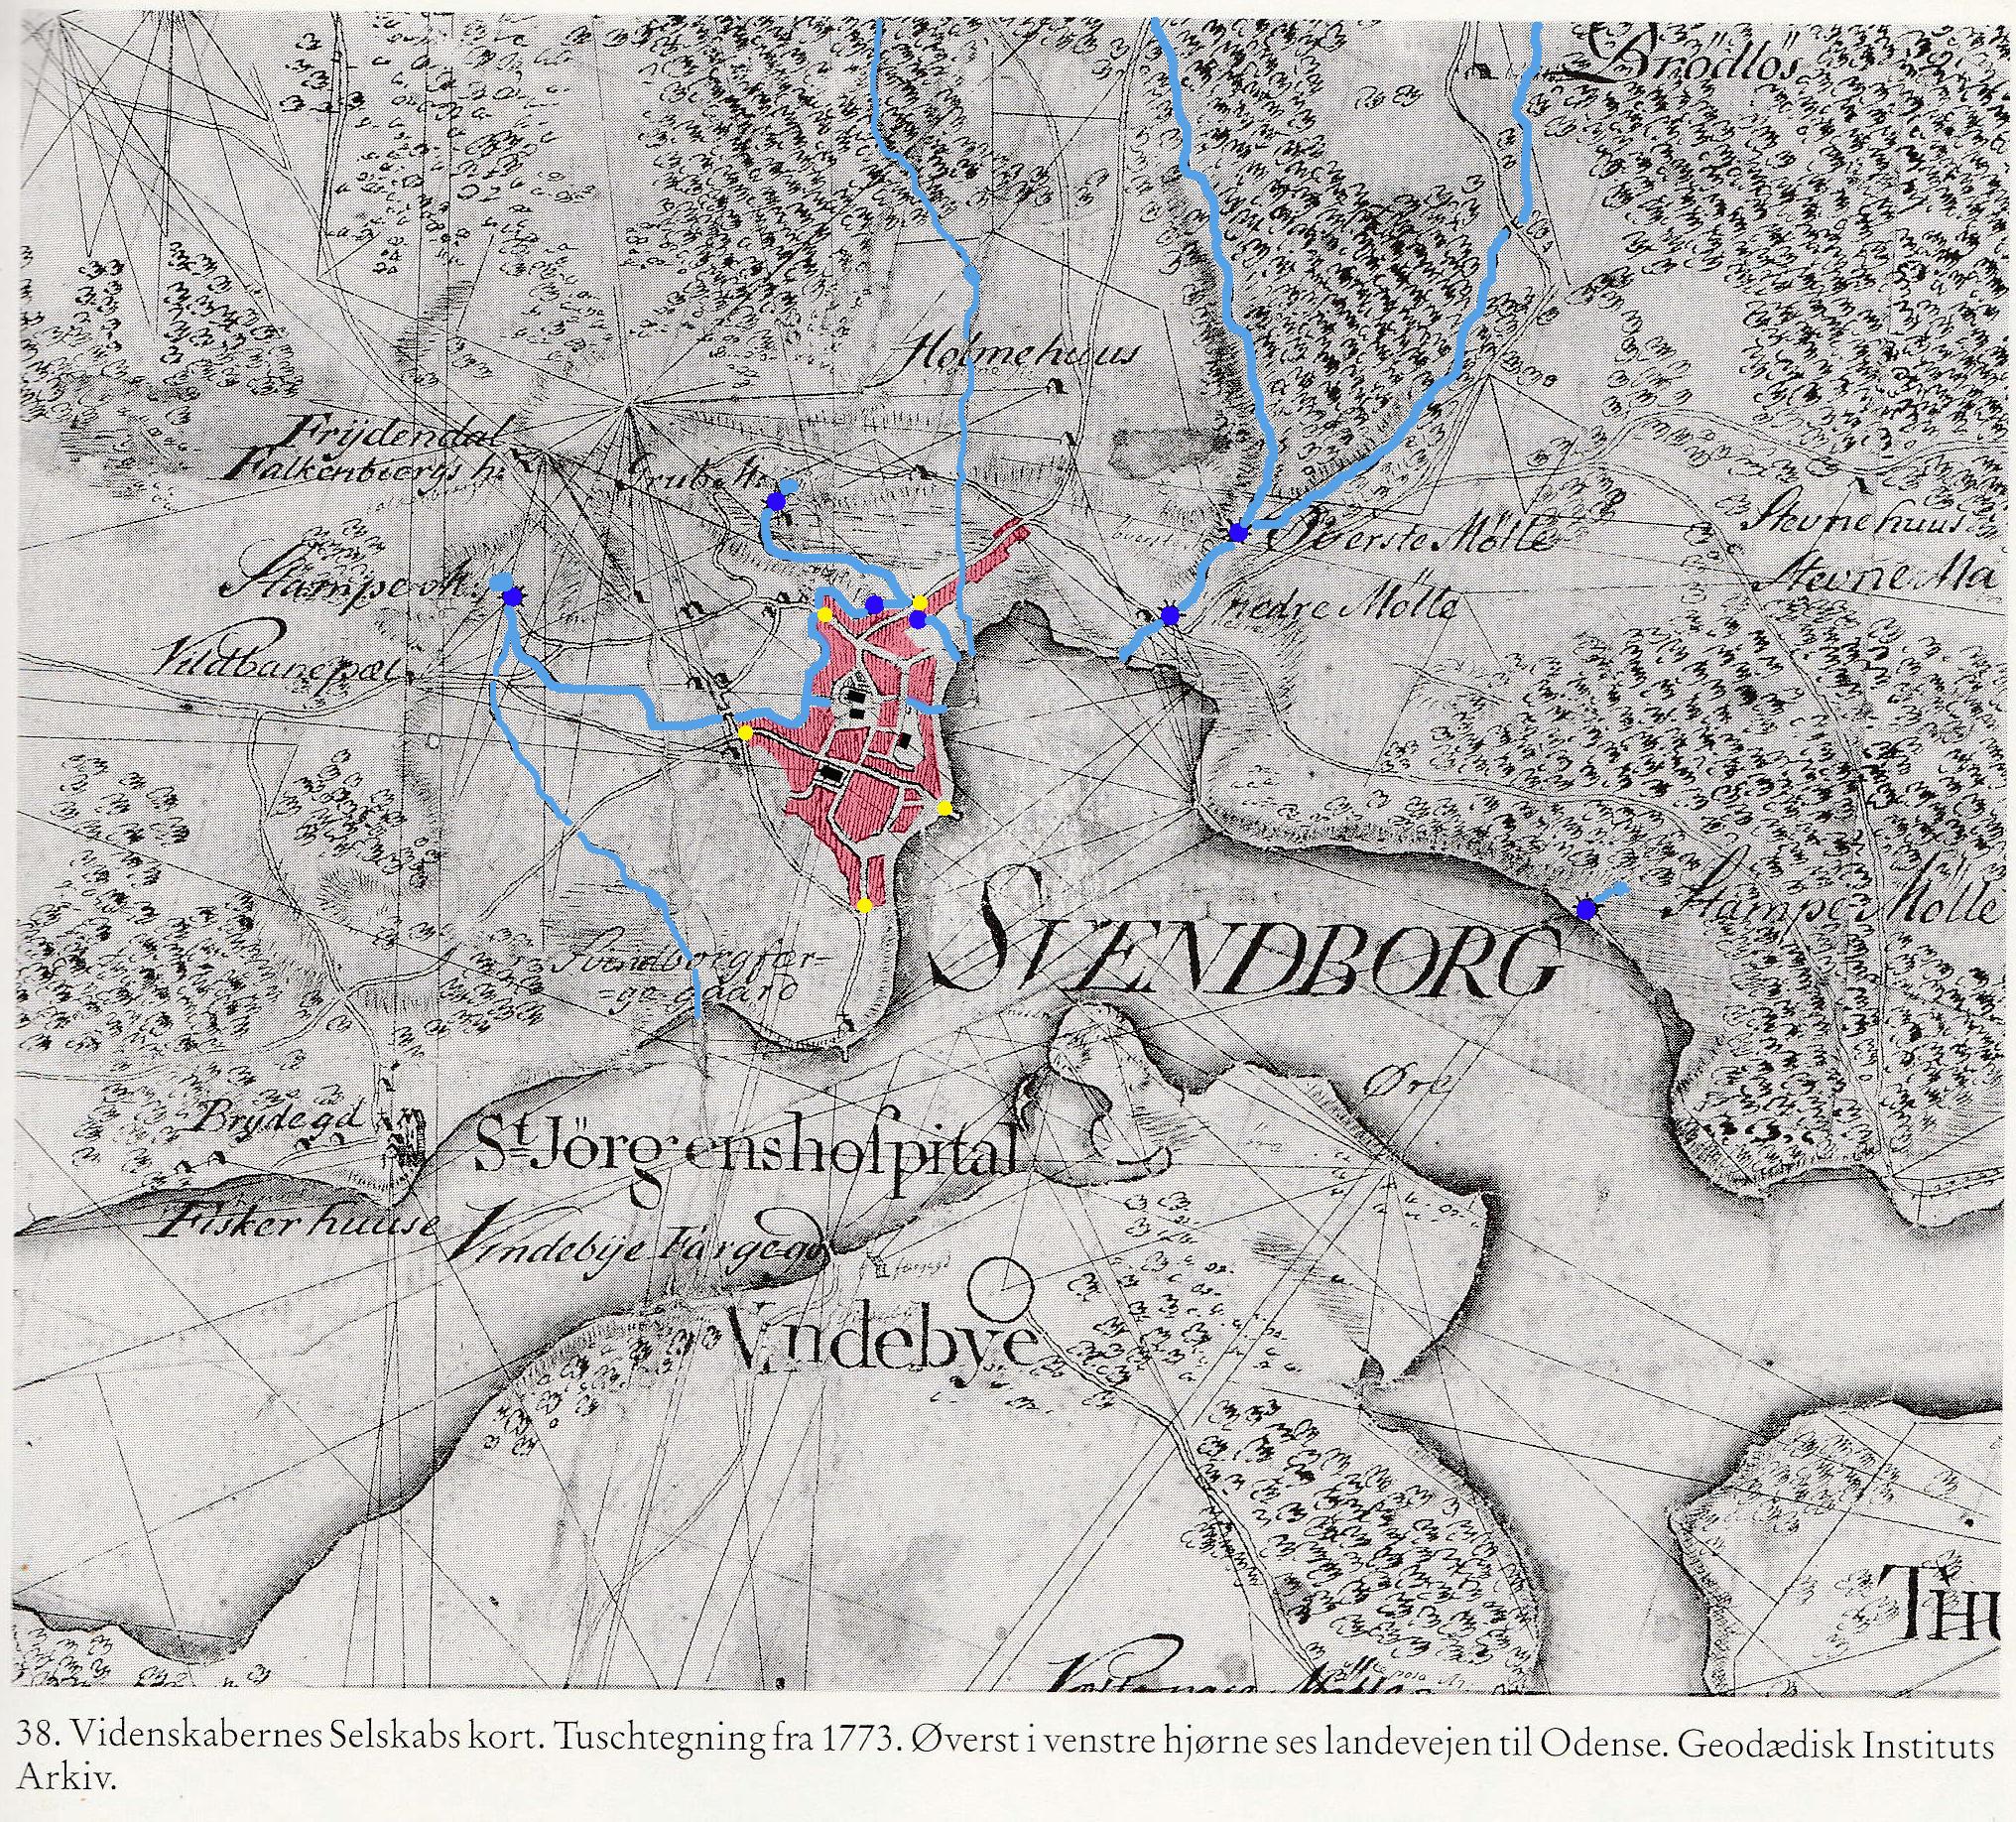 xx-kort-1773-svendborg-med-farver-vand-moeller